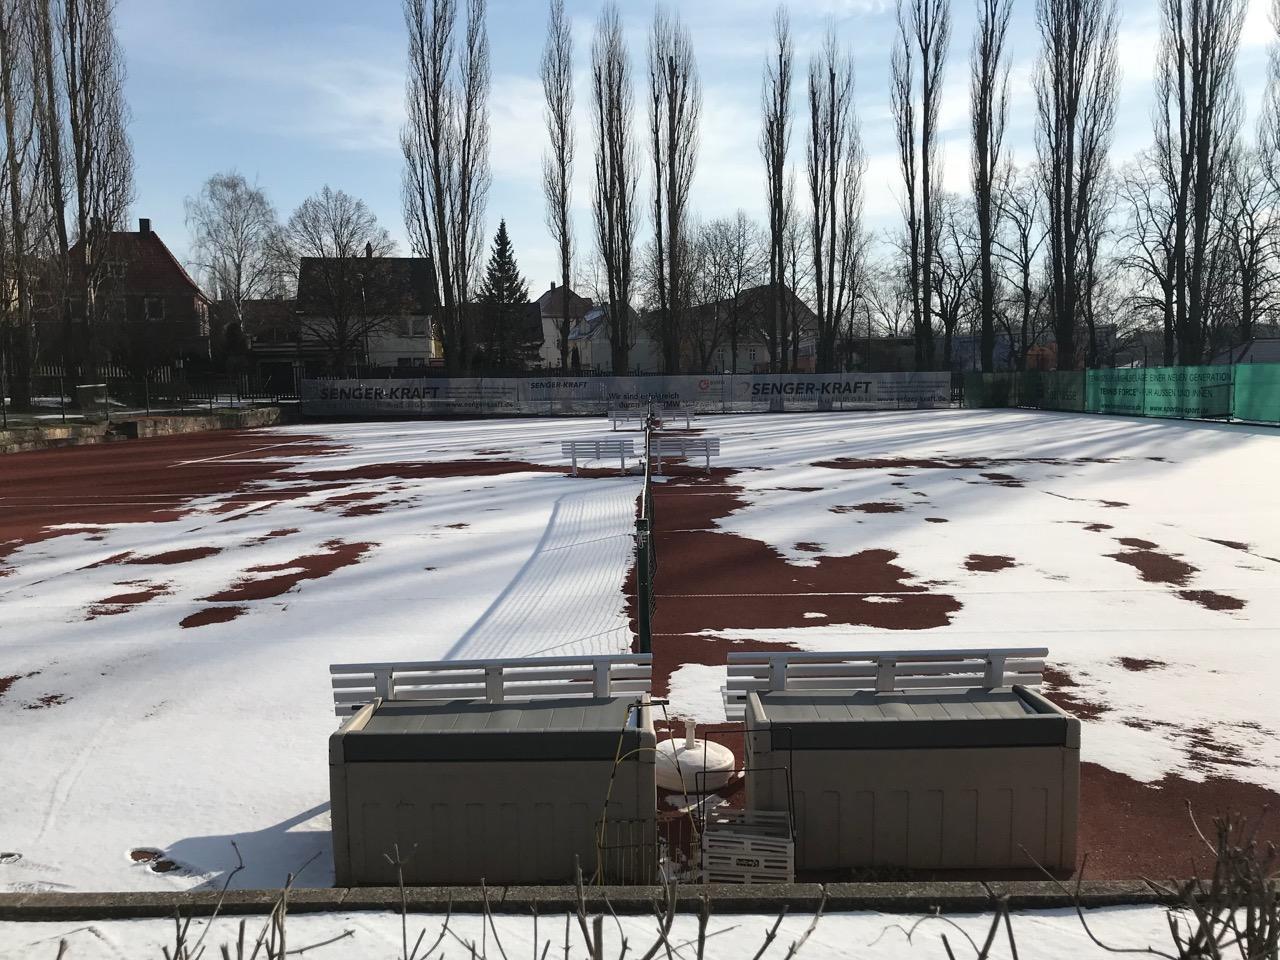 Anlage des TC Weimar in den Wintermonaten geschlossen